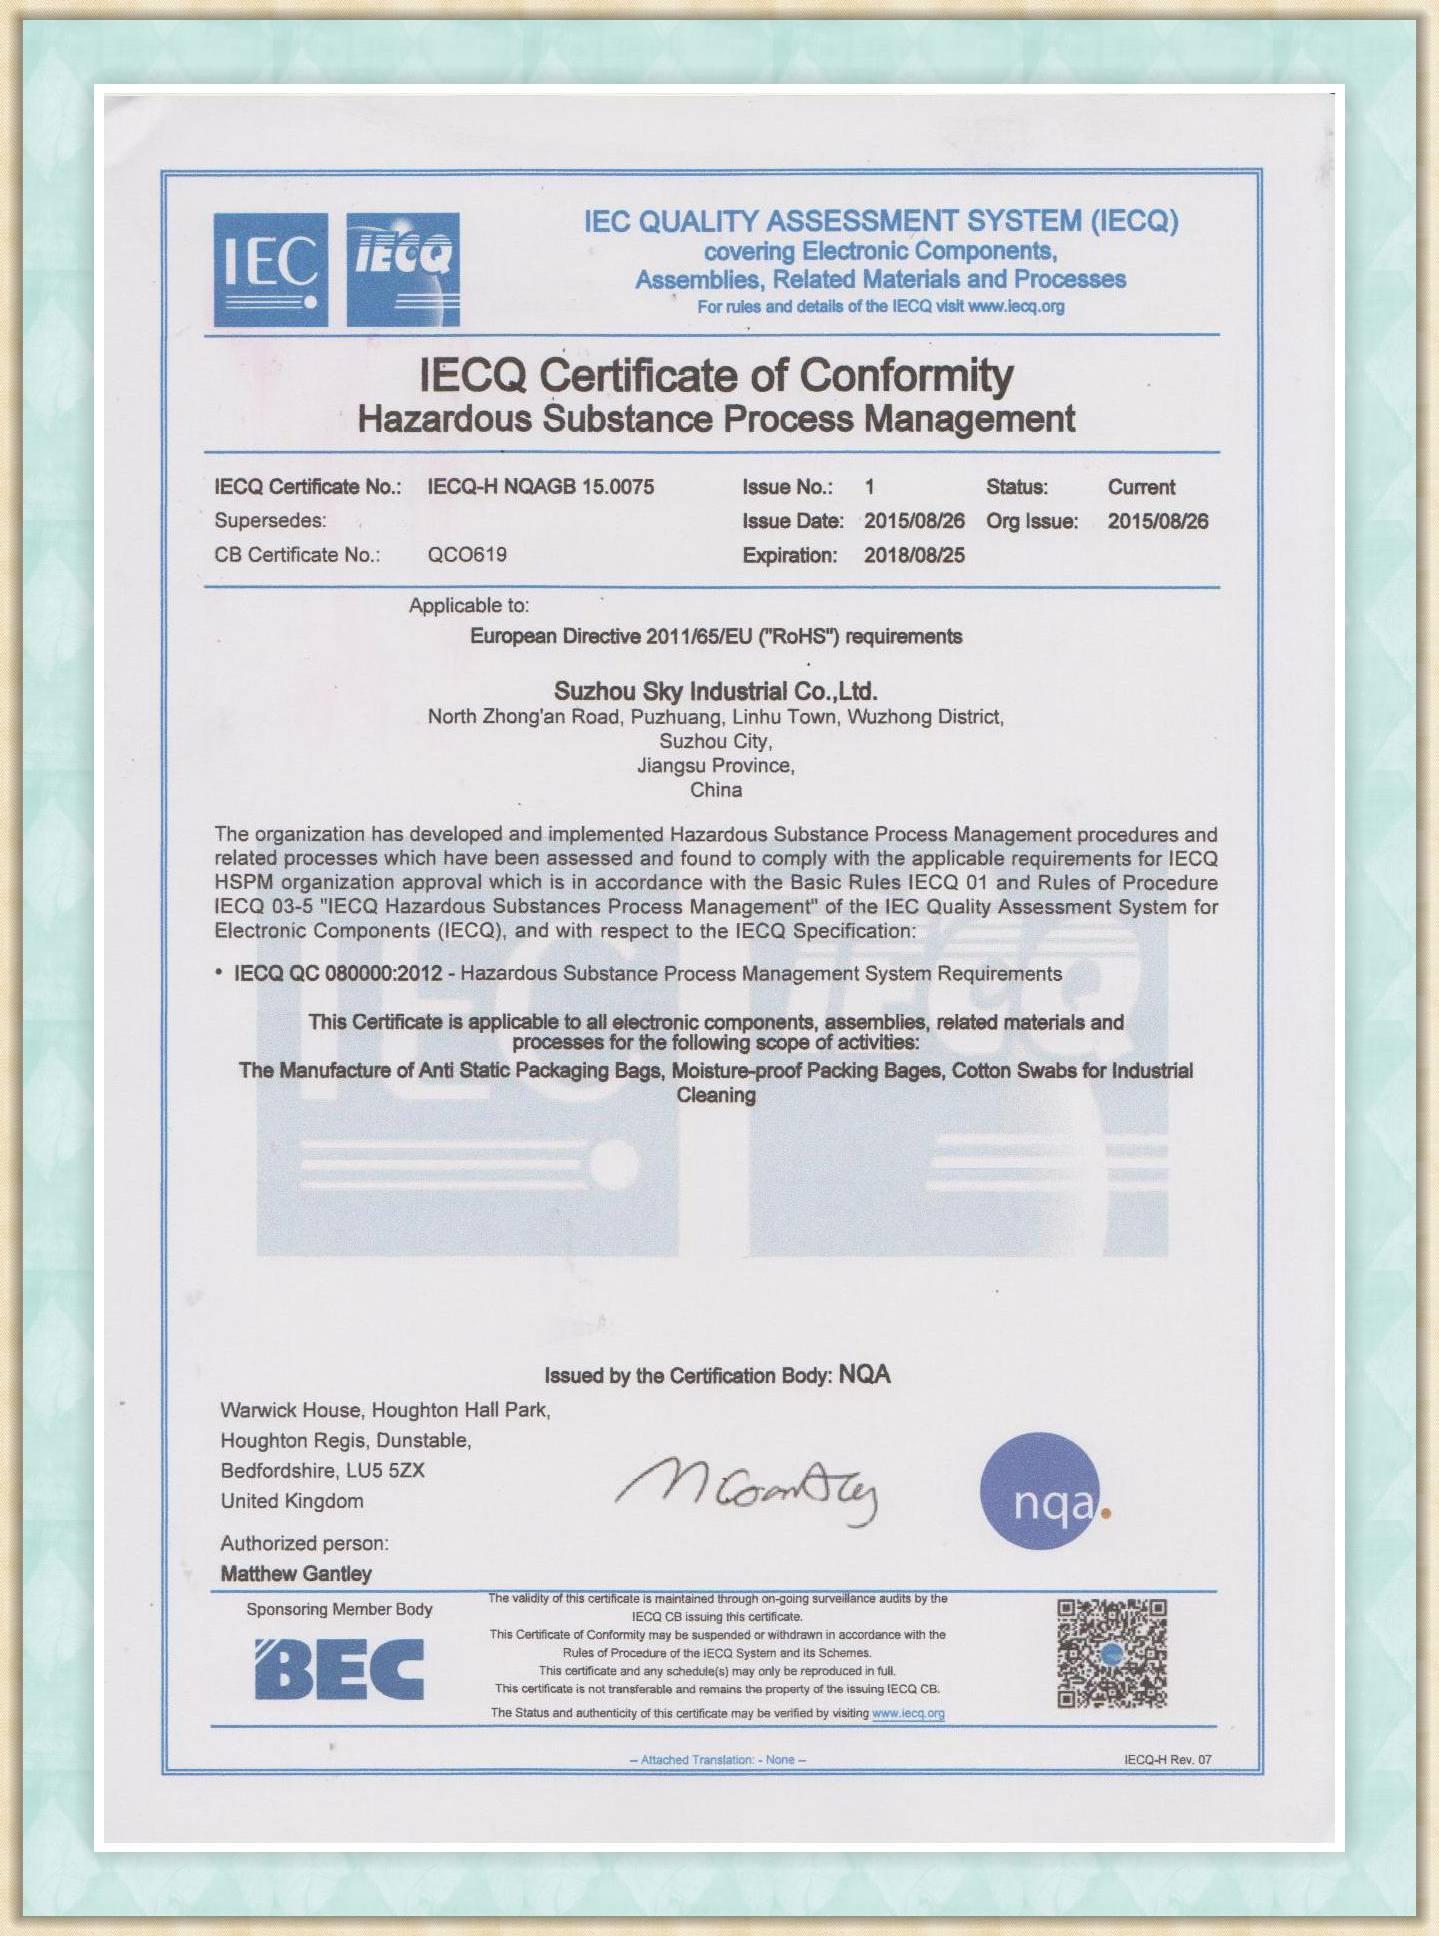 QC080000 certificate